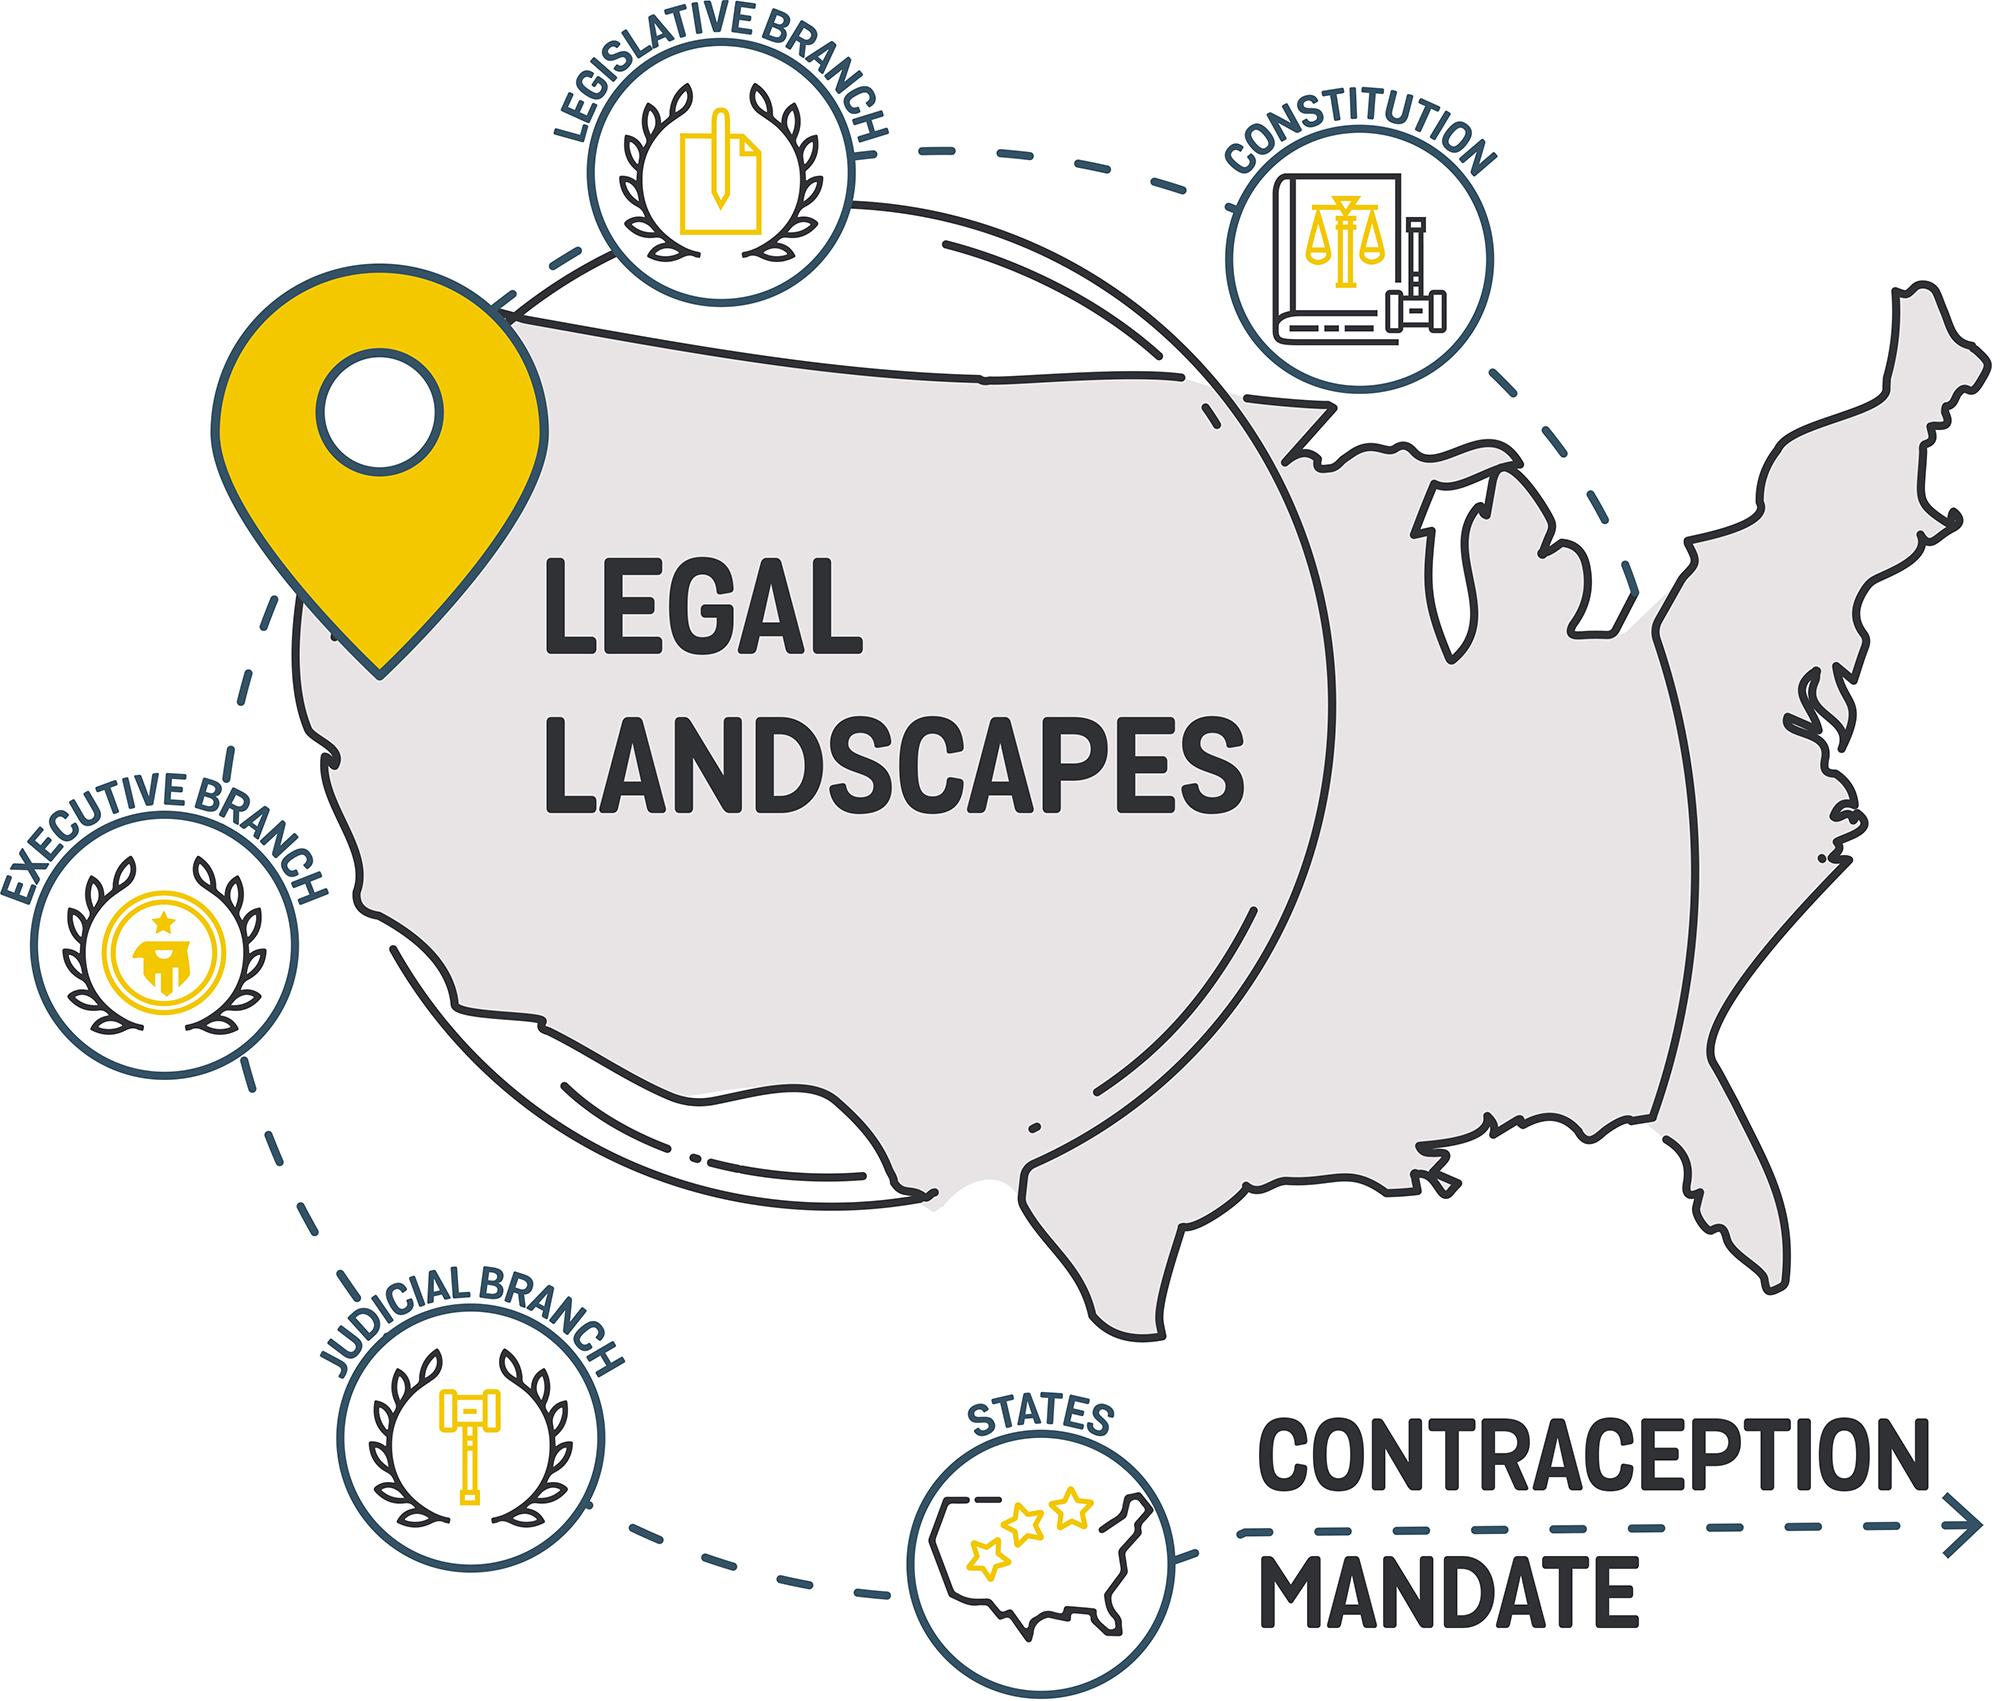 Legal Landscape Contraception.jpg